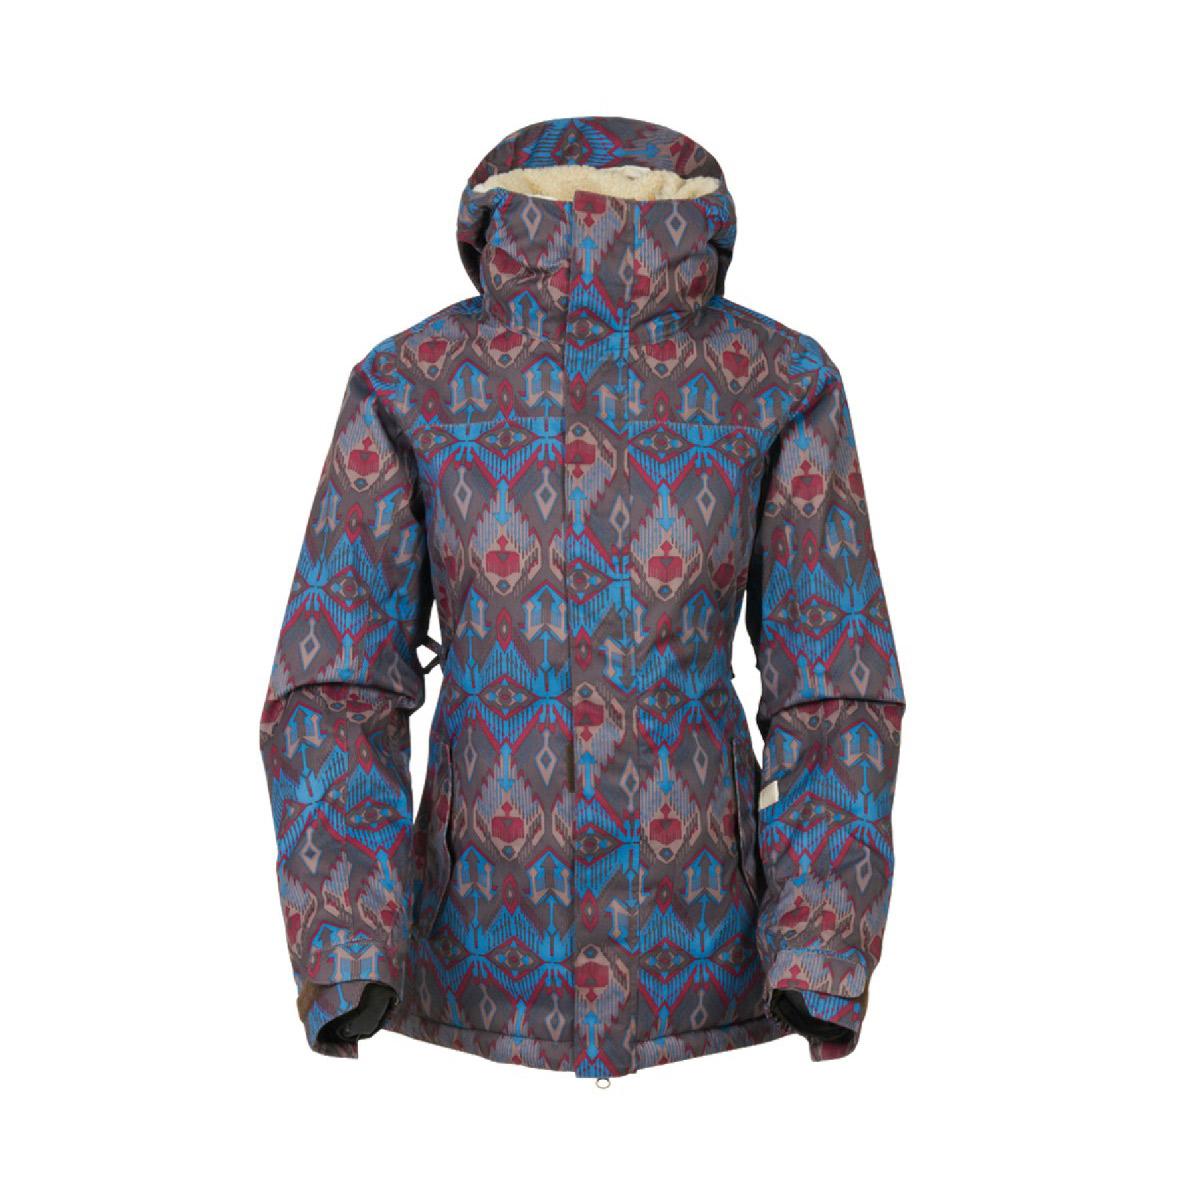 Куртки сноубордические 686 Paradise Deco 2016